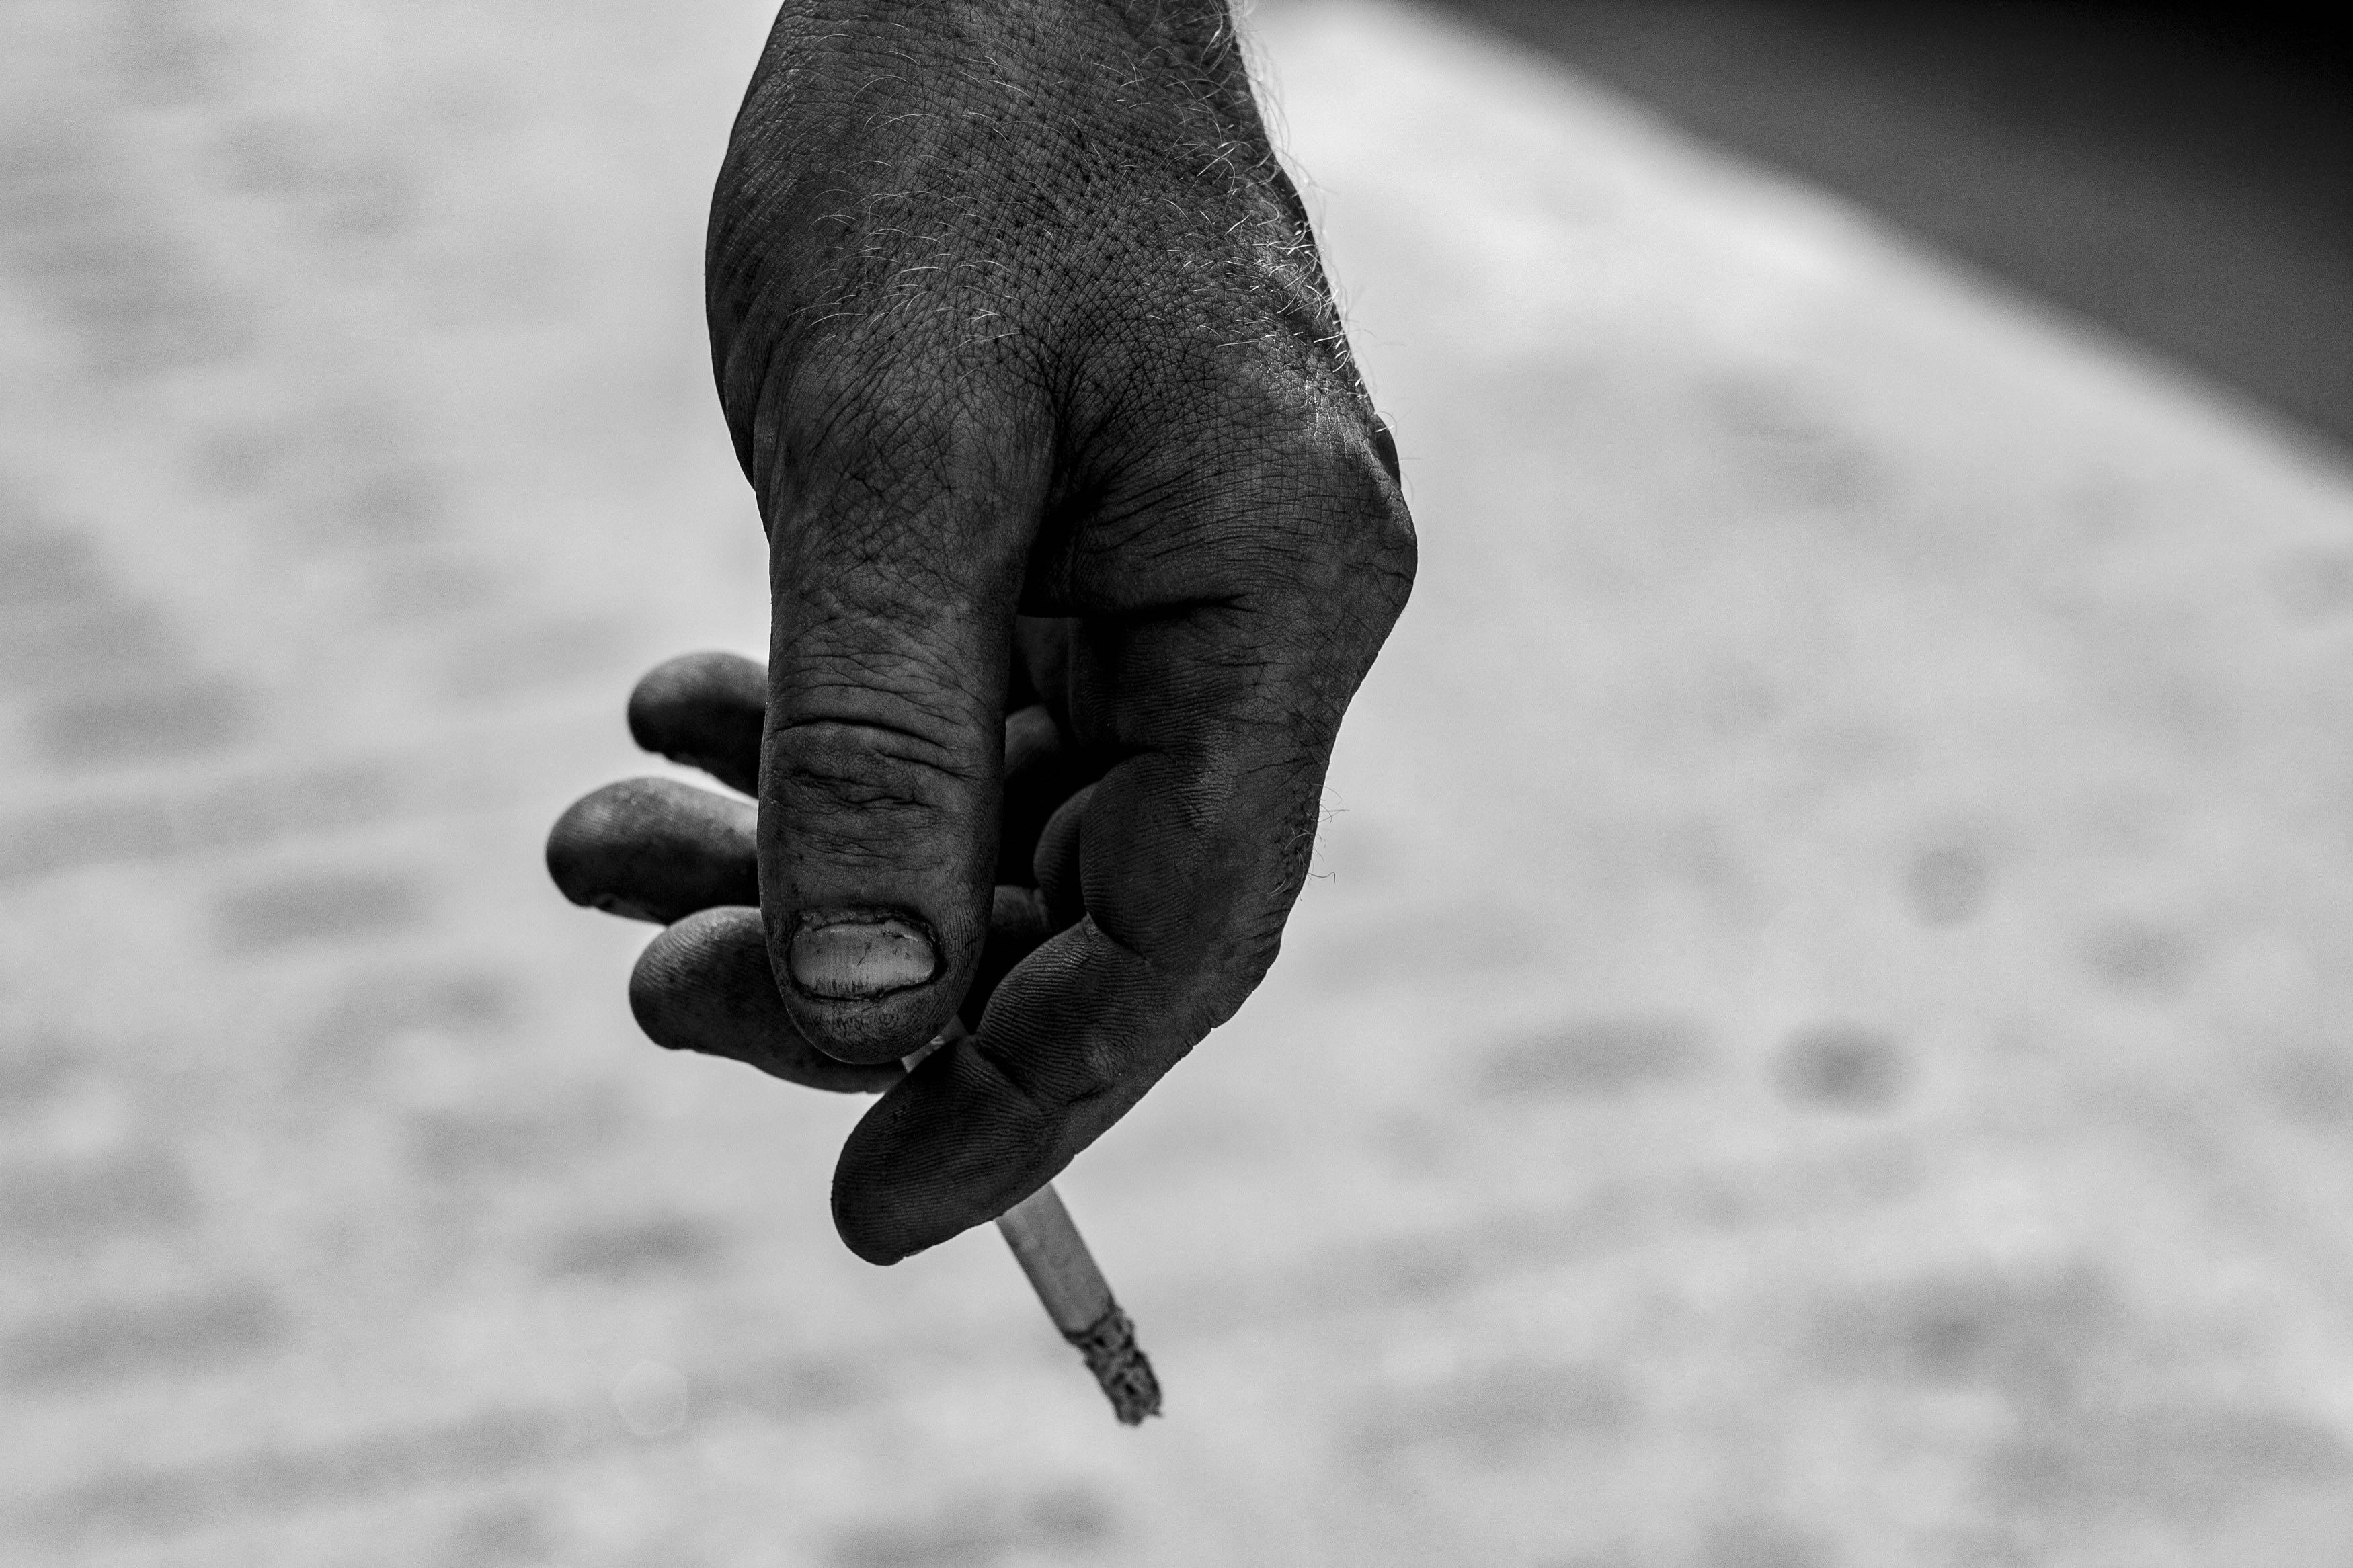 Fotó: Puklus Péter: Részlet az Ezer lengyel kéz című sorozatból, 2018 © Puklus Péter